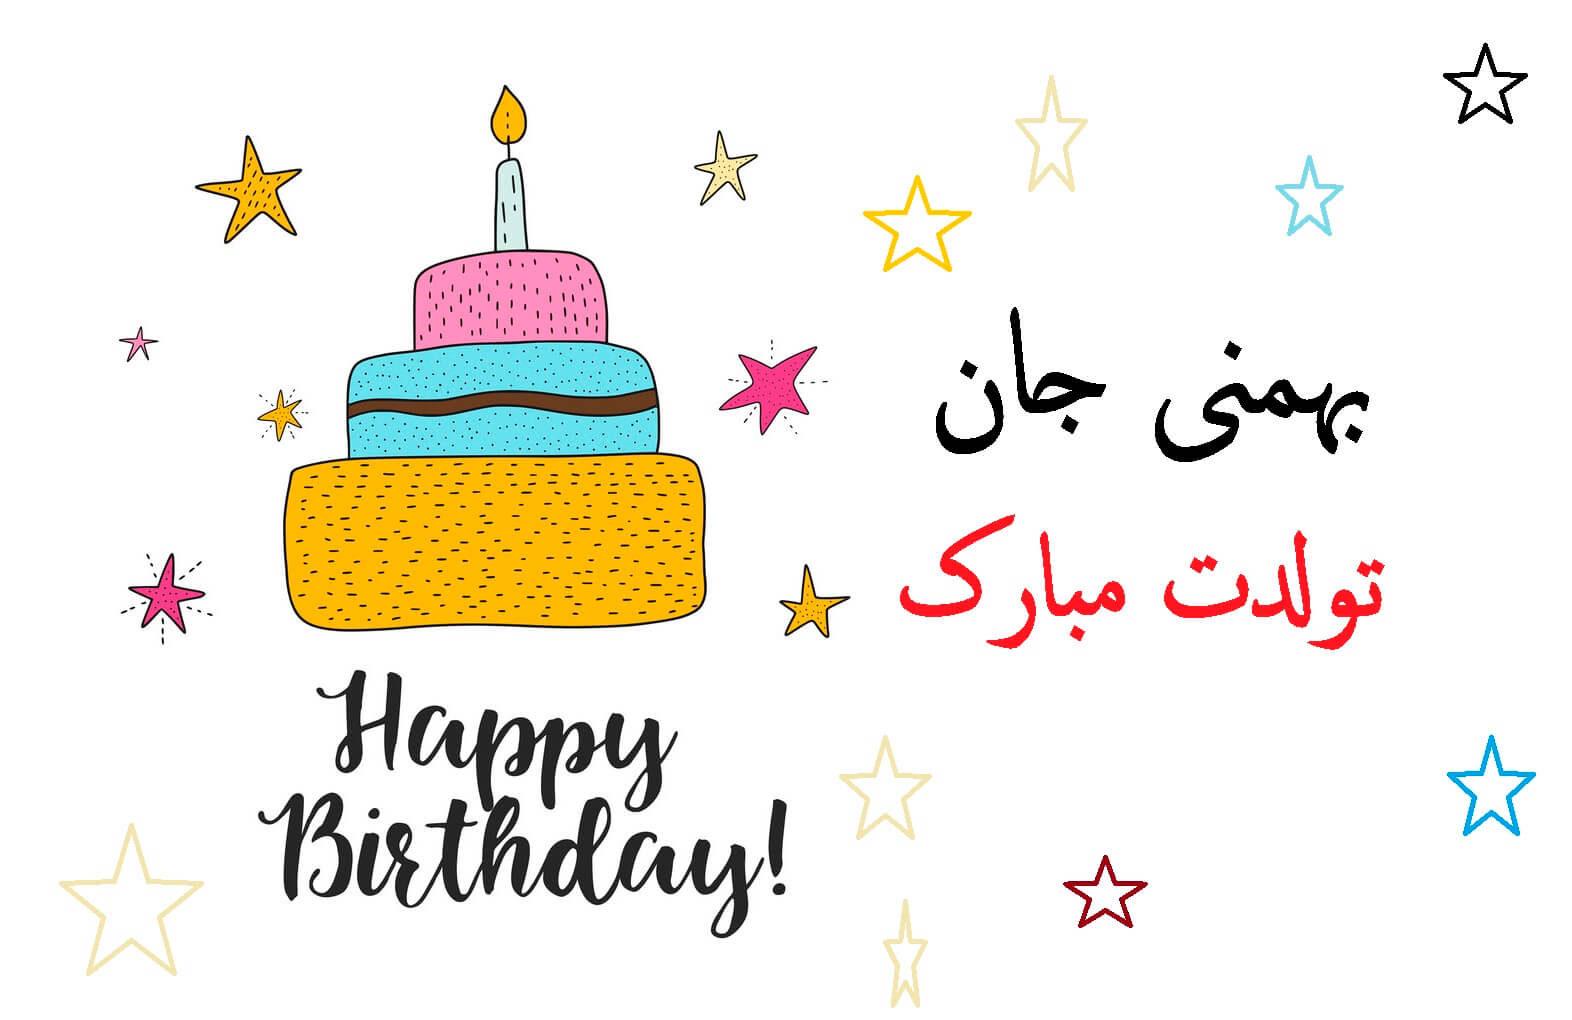 عکس نوشته بهمن ماهی جانم تولدت مبارک با کیفیت بالا